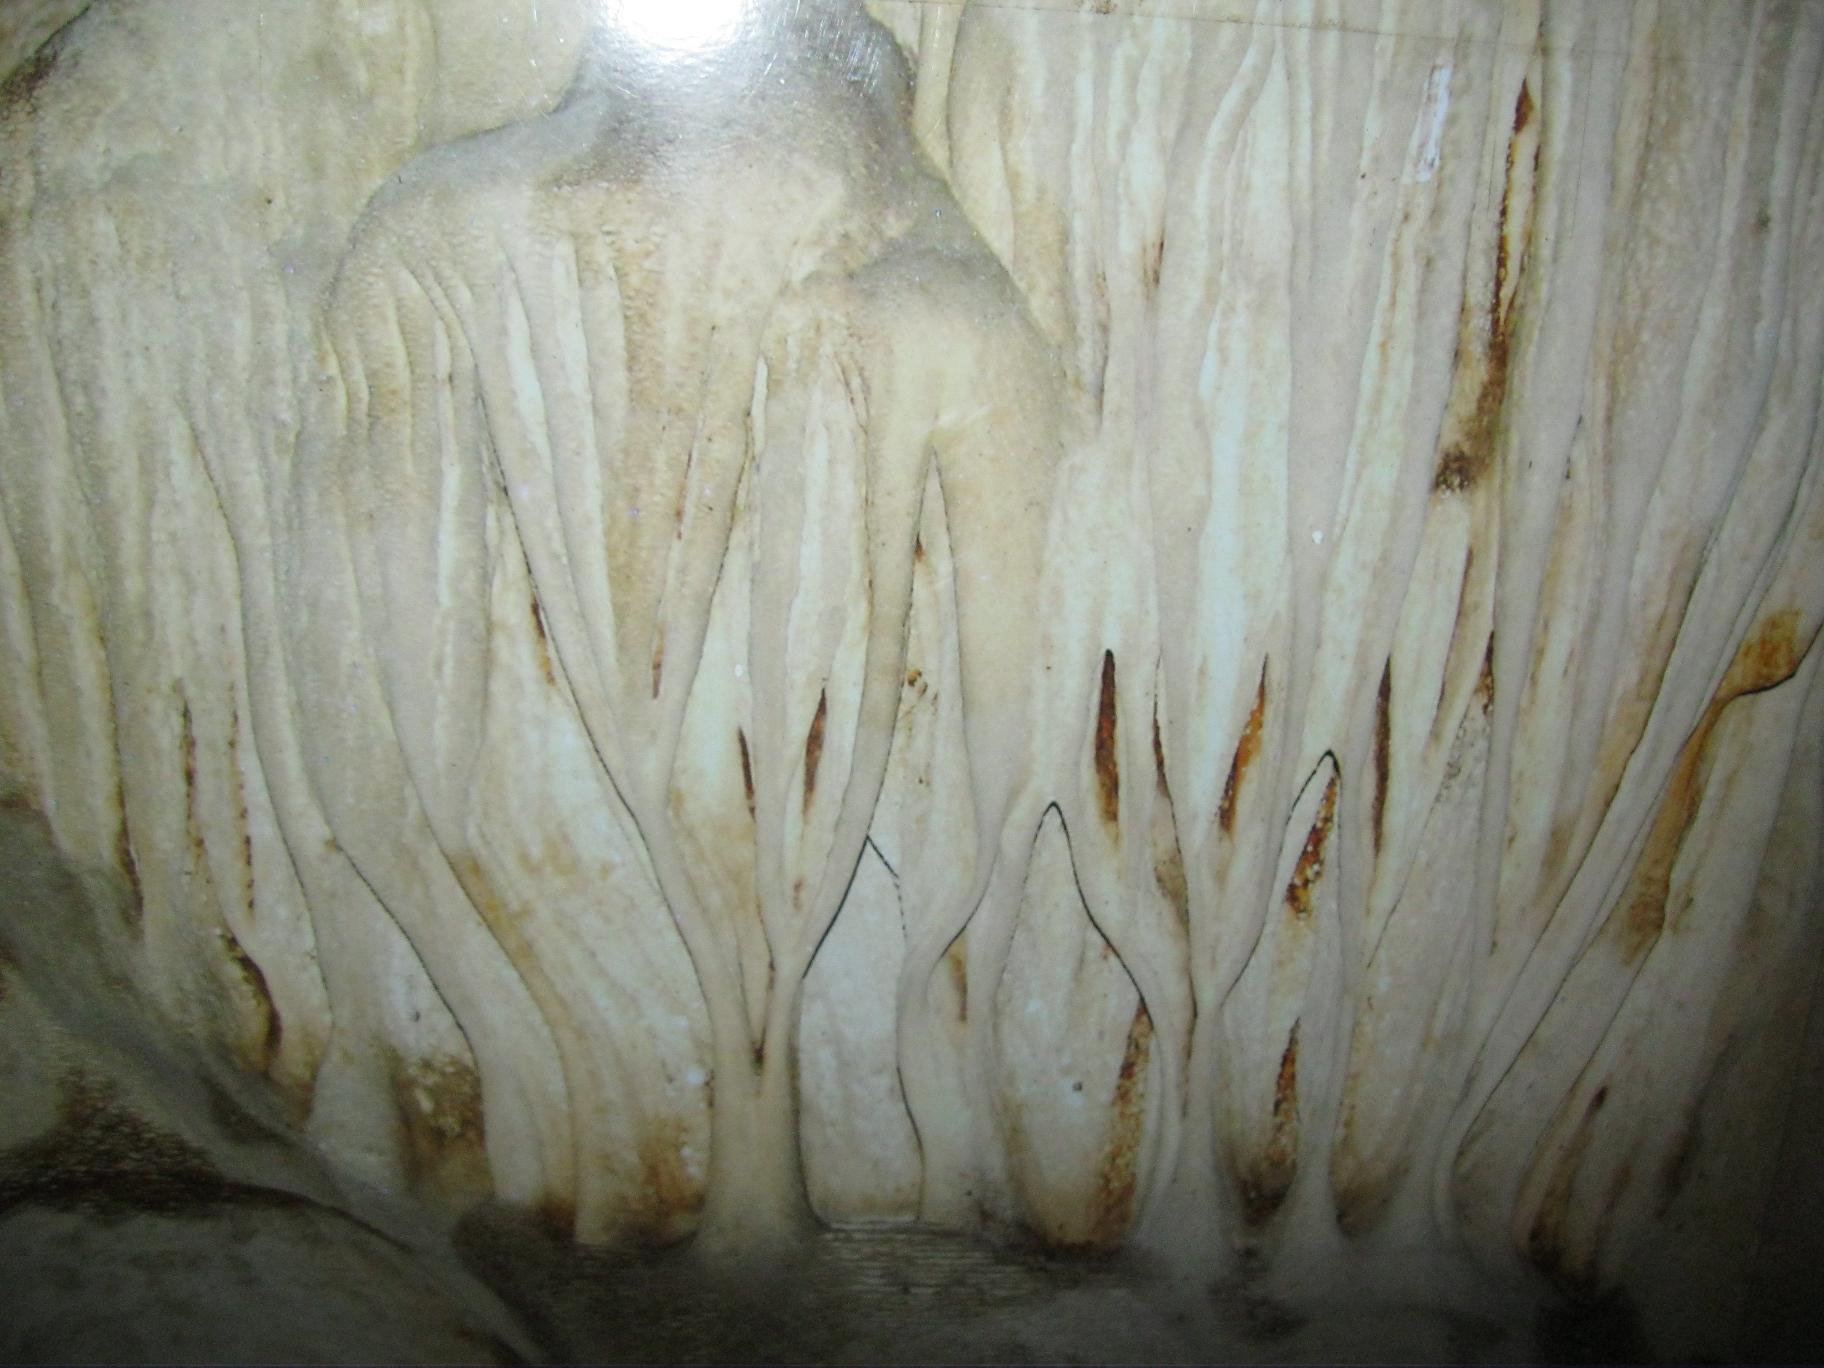 Nhũ đá ở động Tiên - Chùa Tiên - xã Phú Lão.